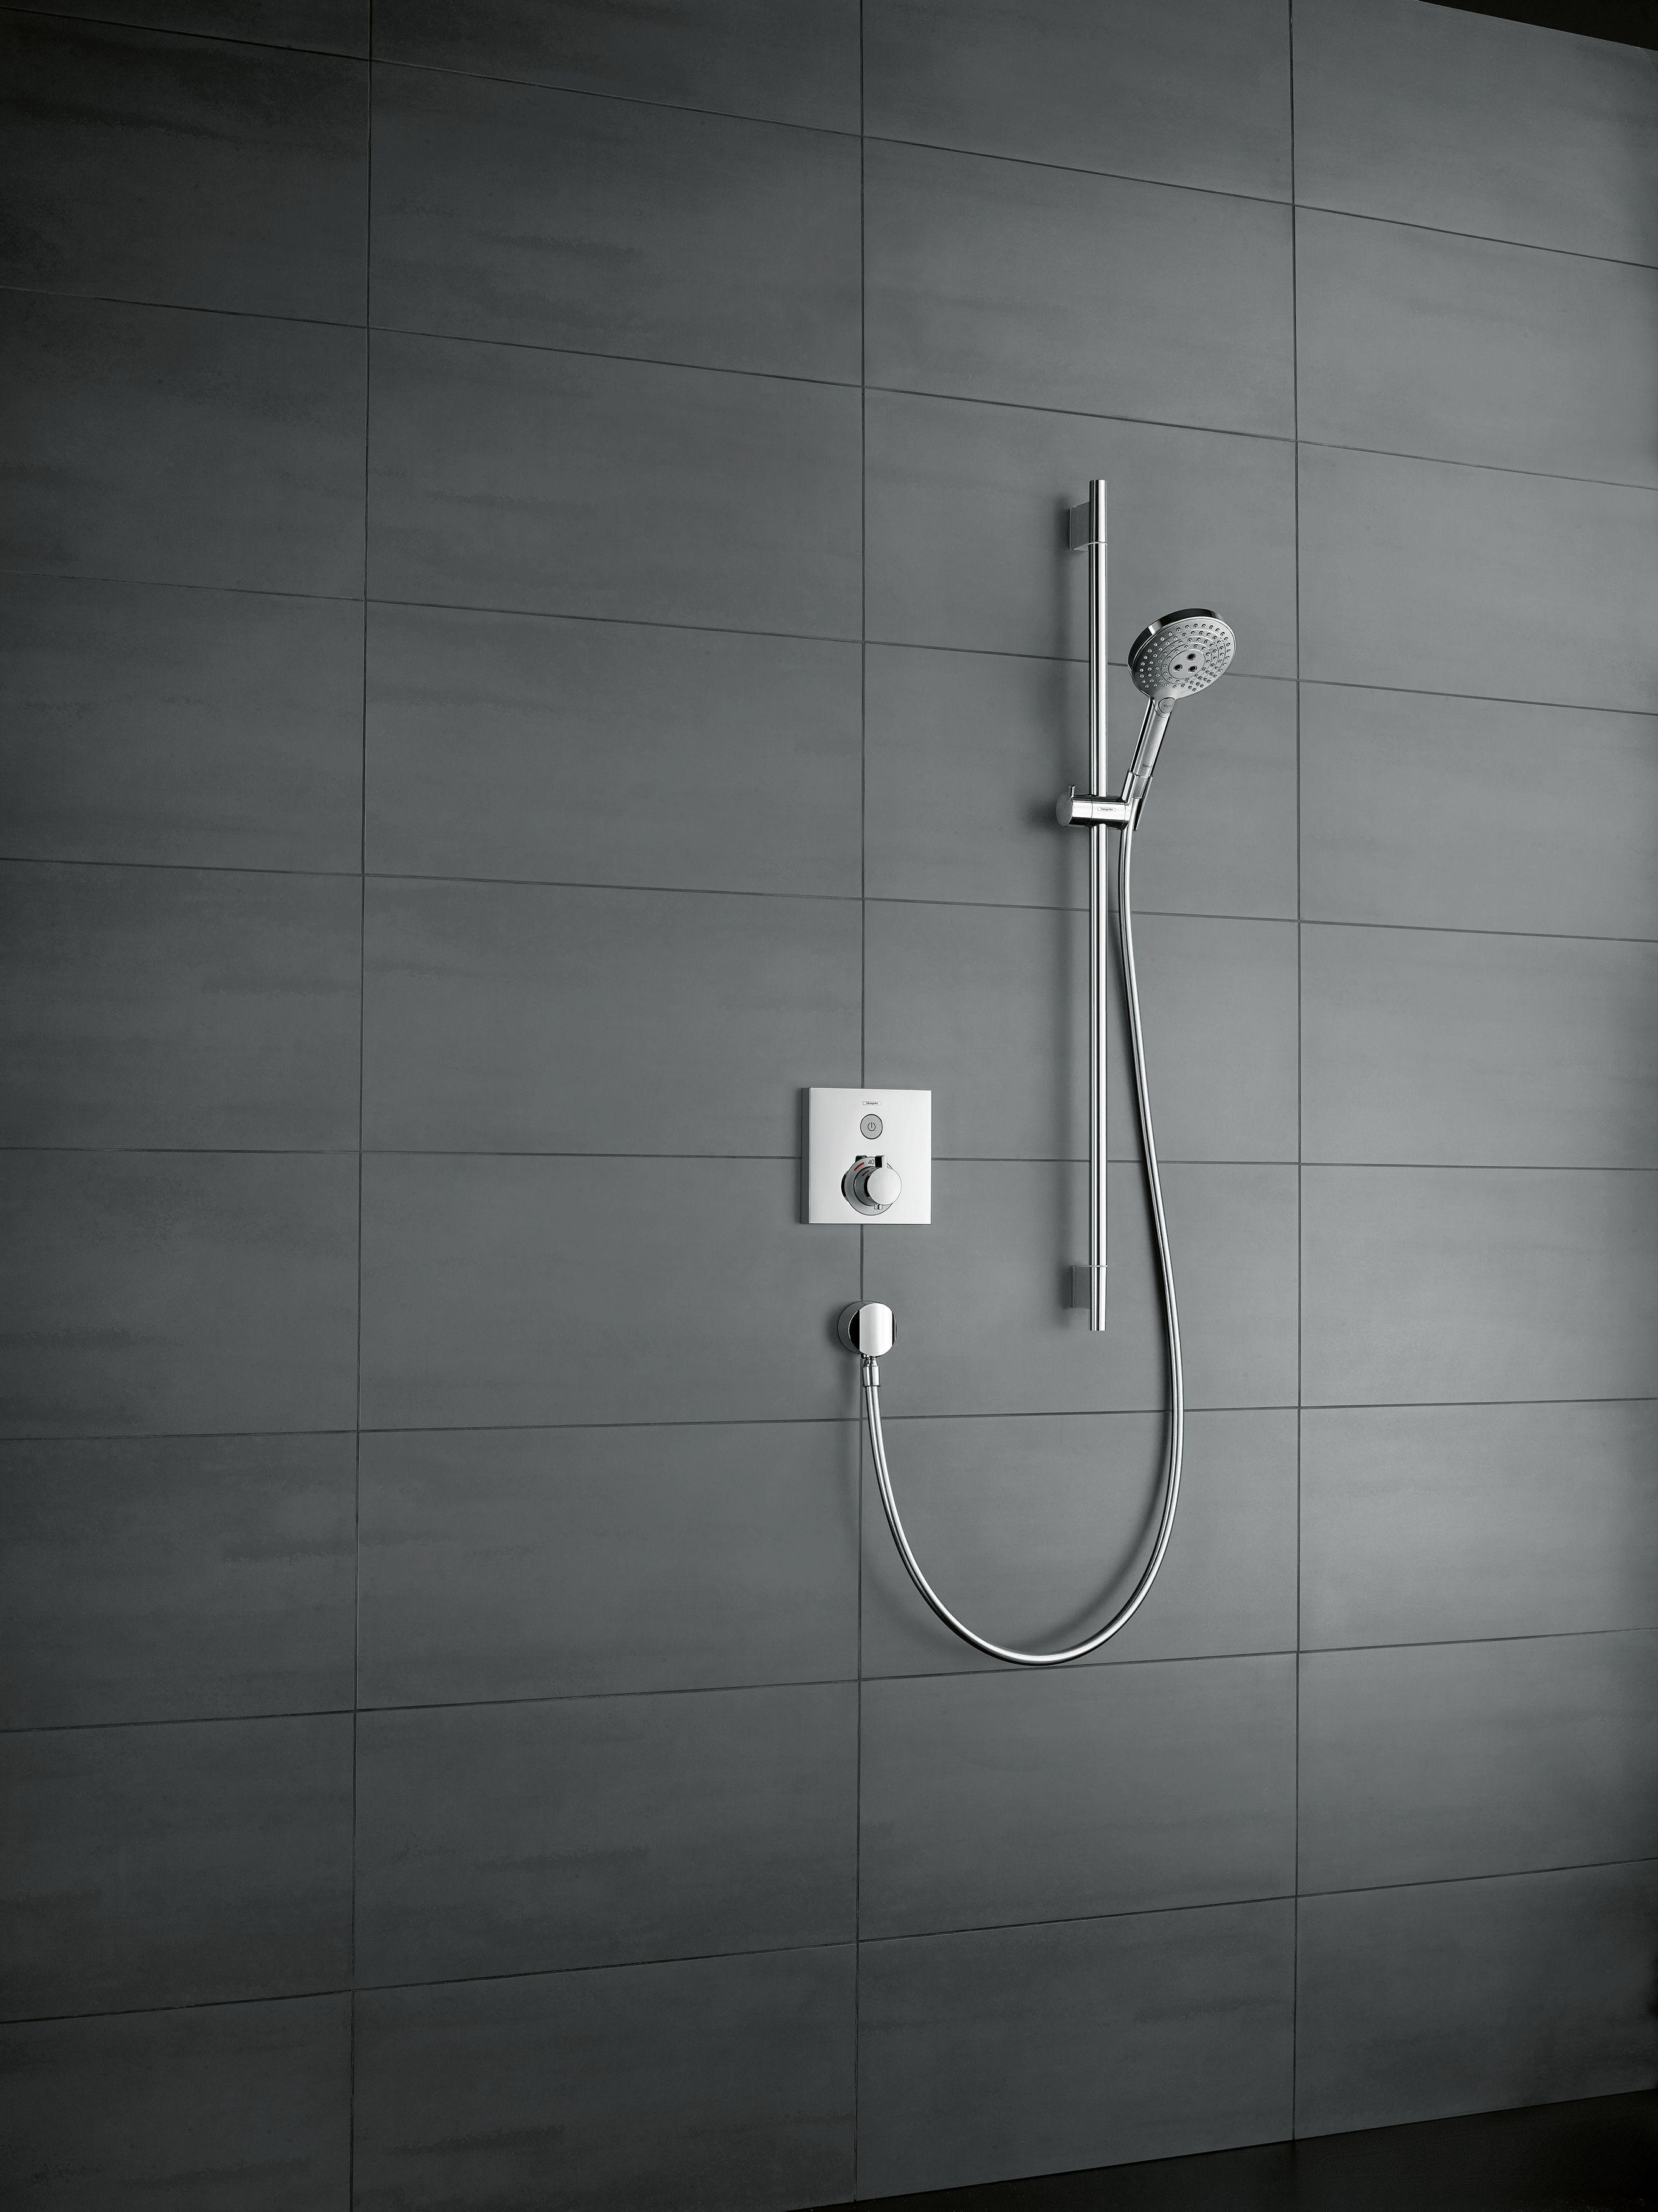 Скрытое фото в ванной 22 фотография